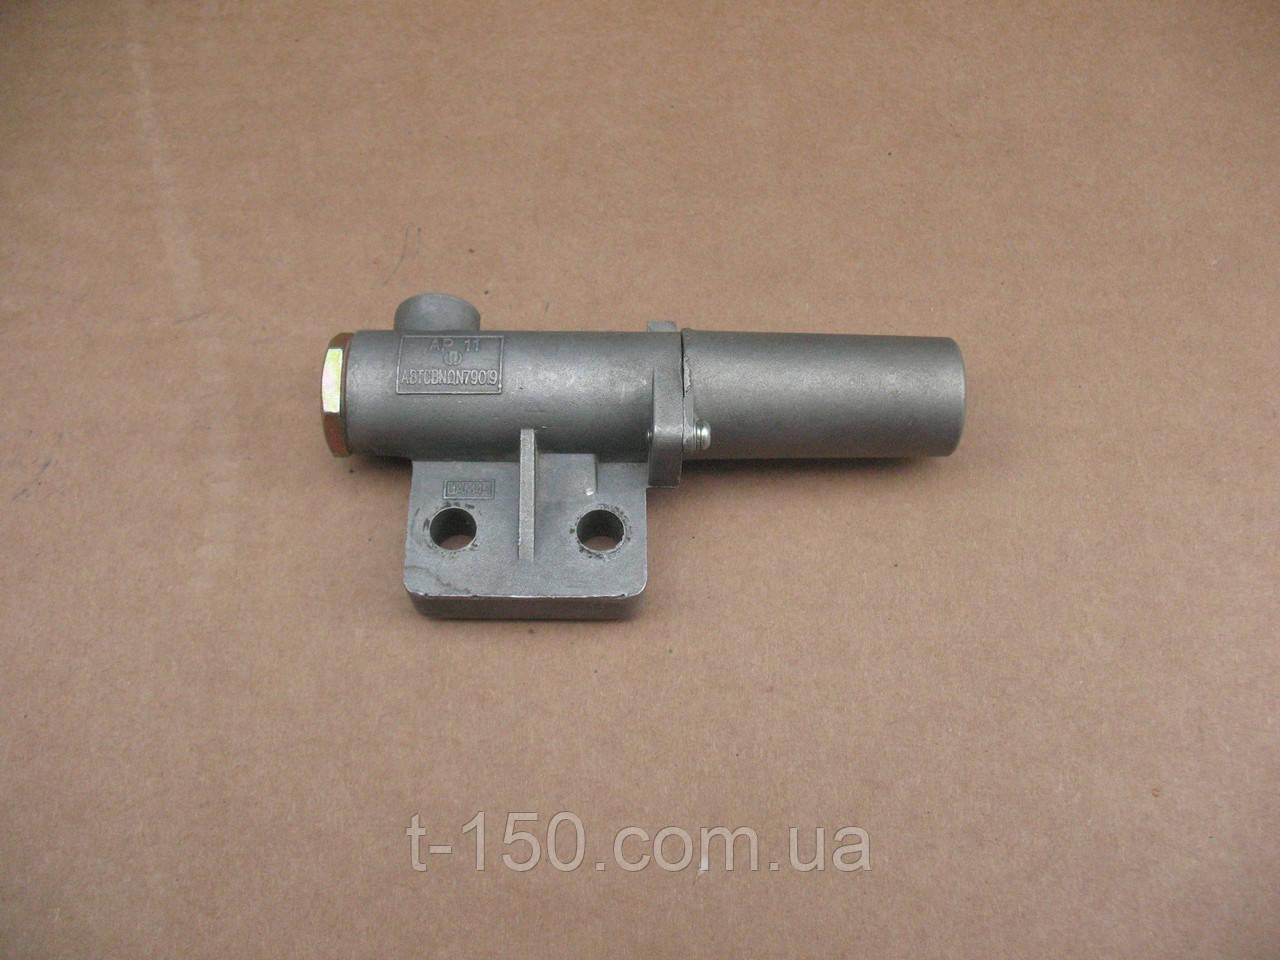 Регулятор давления воздуха (АР11-3512010)